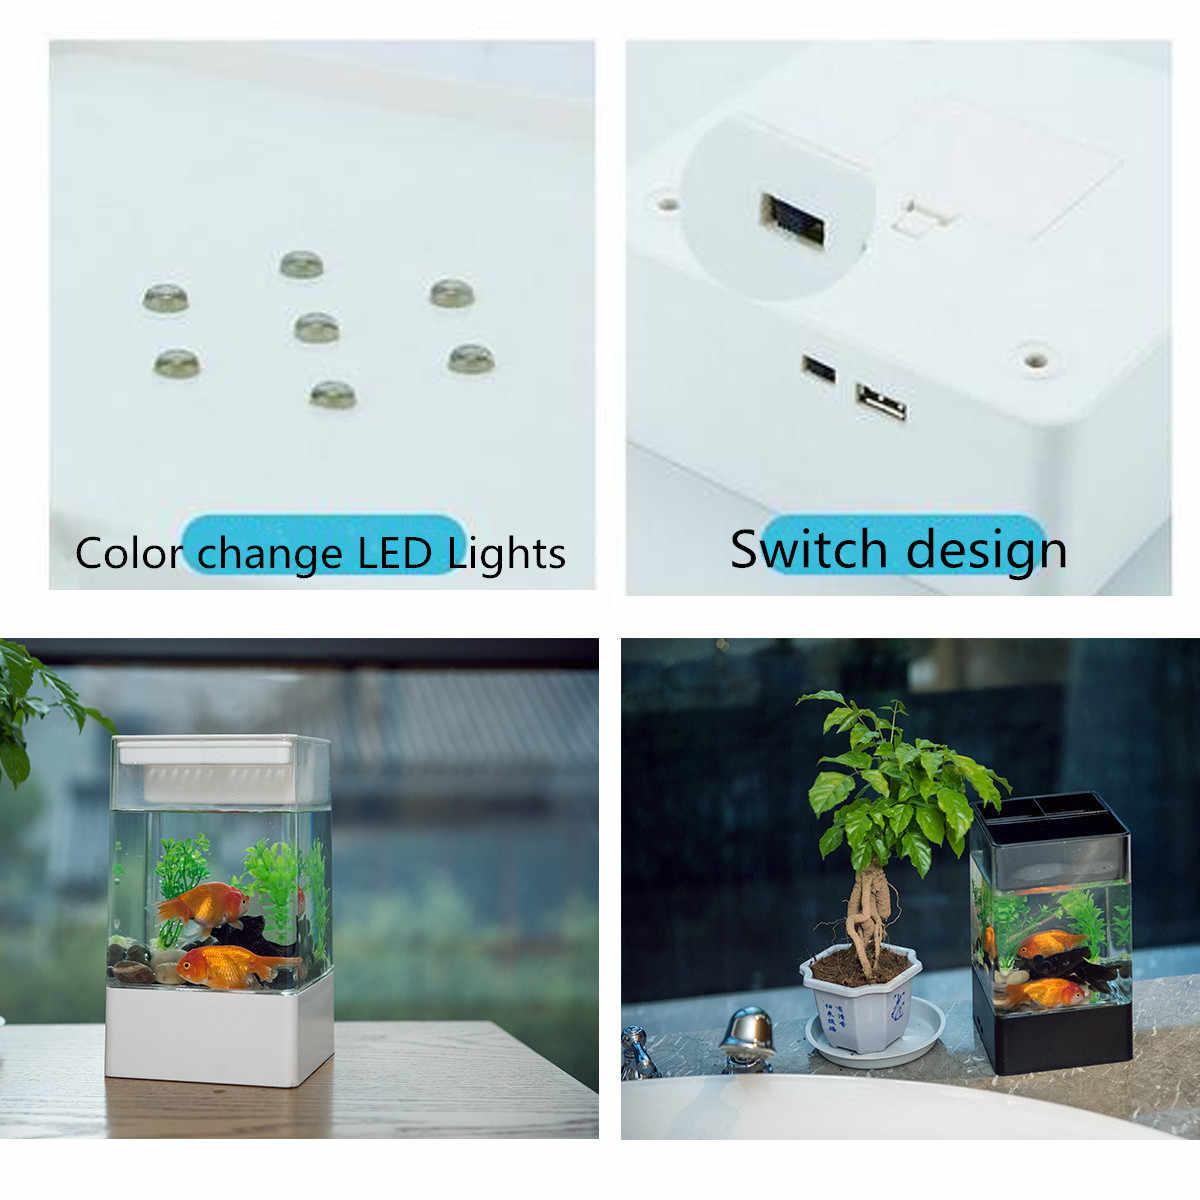 Neue Schwarz/Weiß Aquarium Mit LED Licht USB Mini Platz Aquarium Aquarium Ökologischen Acryl Fisch Box Büro desktop Fisch schüssel